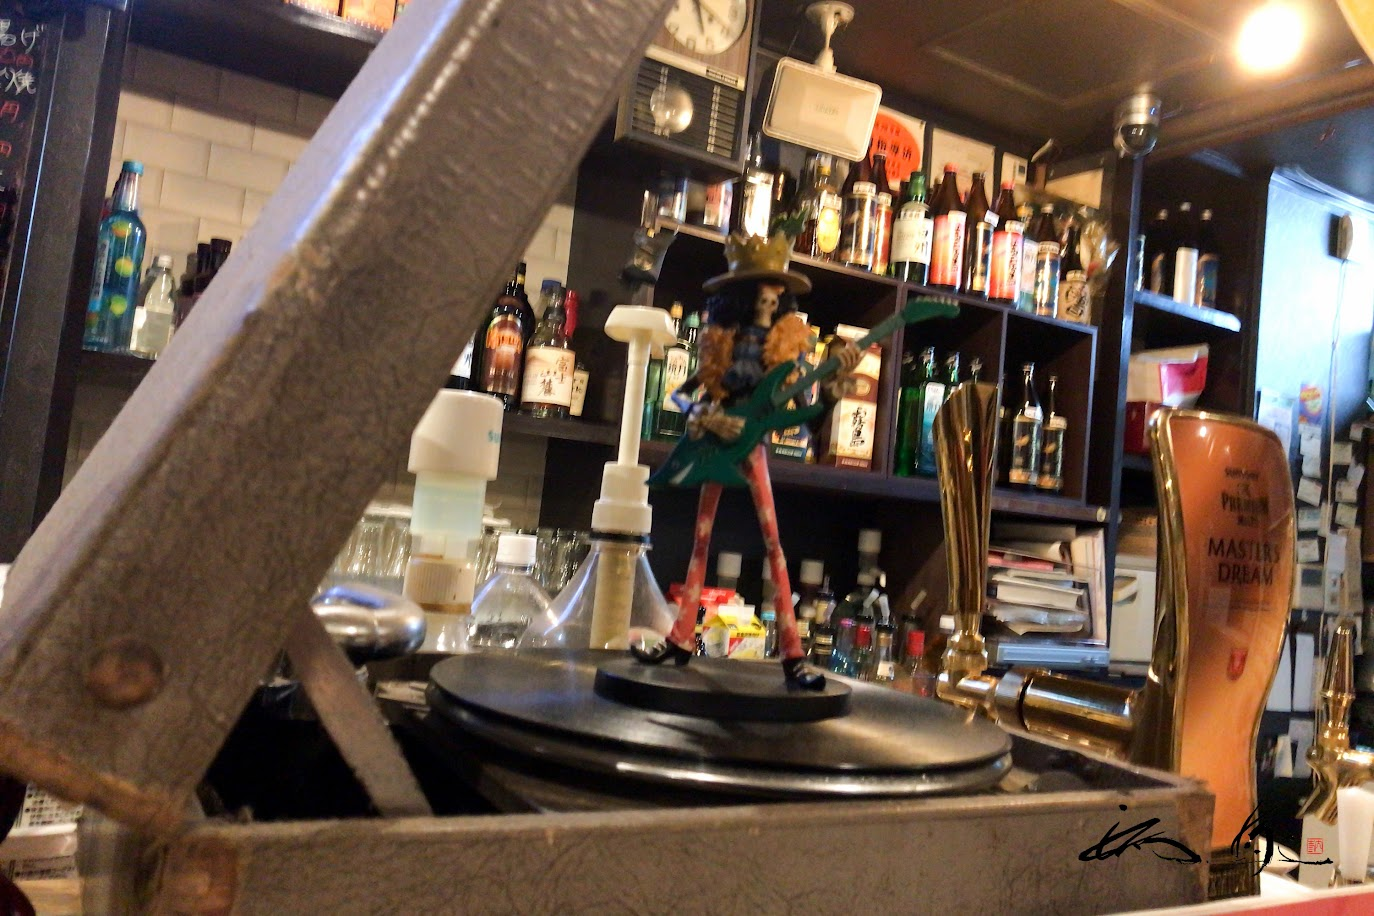 レコードプレーヤーの上で踊る不気味なお人形